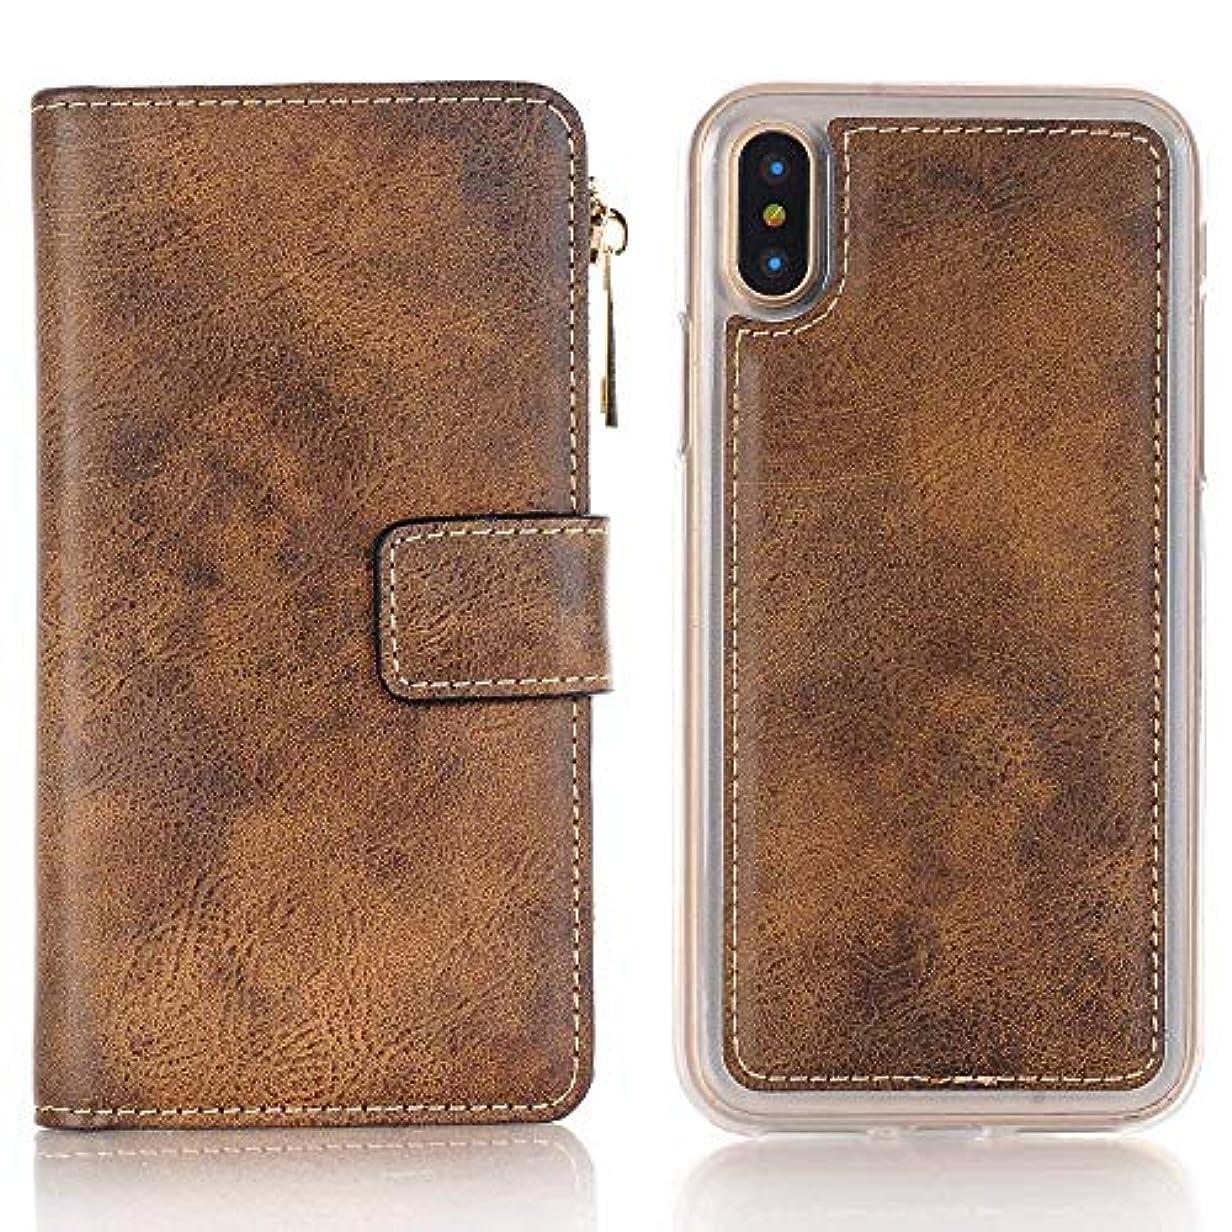 ピーブ道路可塑性iPhone ケース 手帳型 INorton 全面保護カバー 耐衝撃 レンズ保護 カード収納 分離式 高品質レザー シリコン 軽量 マグネット式